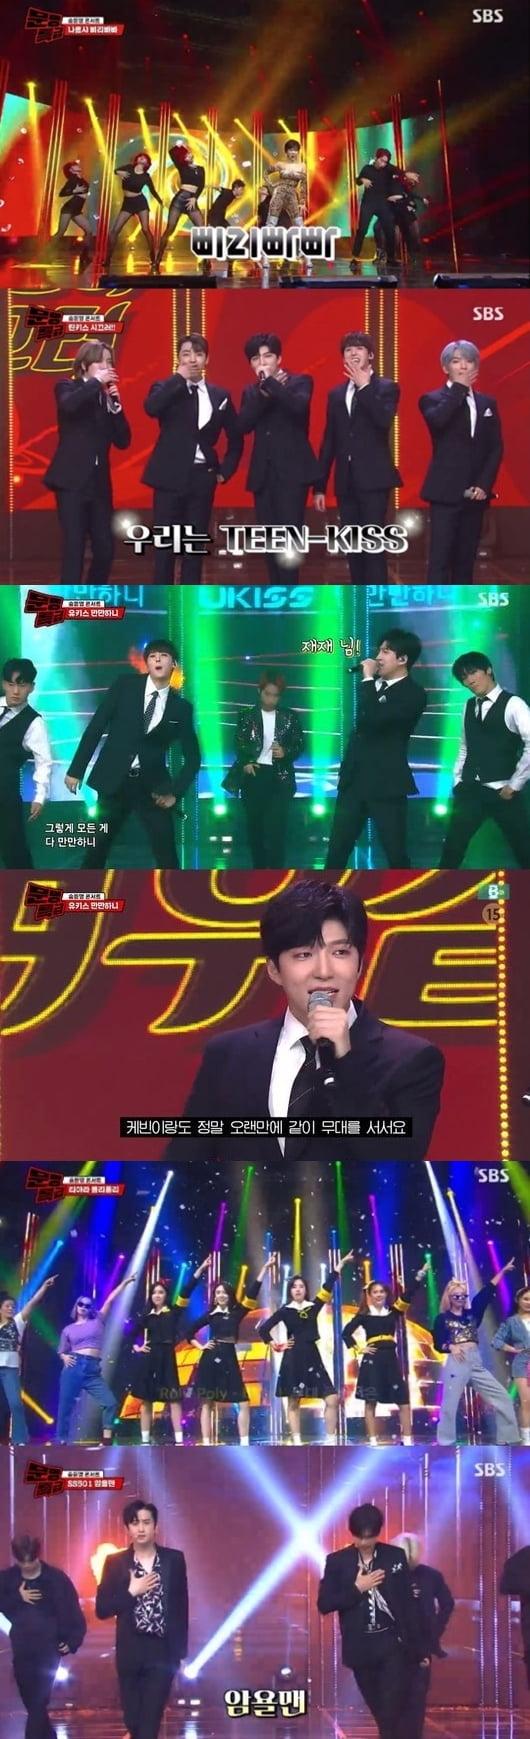 '문명특급-숨듣명 콘서트' /사진=SBS 방송화면 캡처